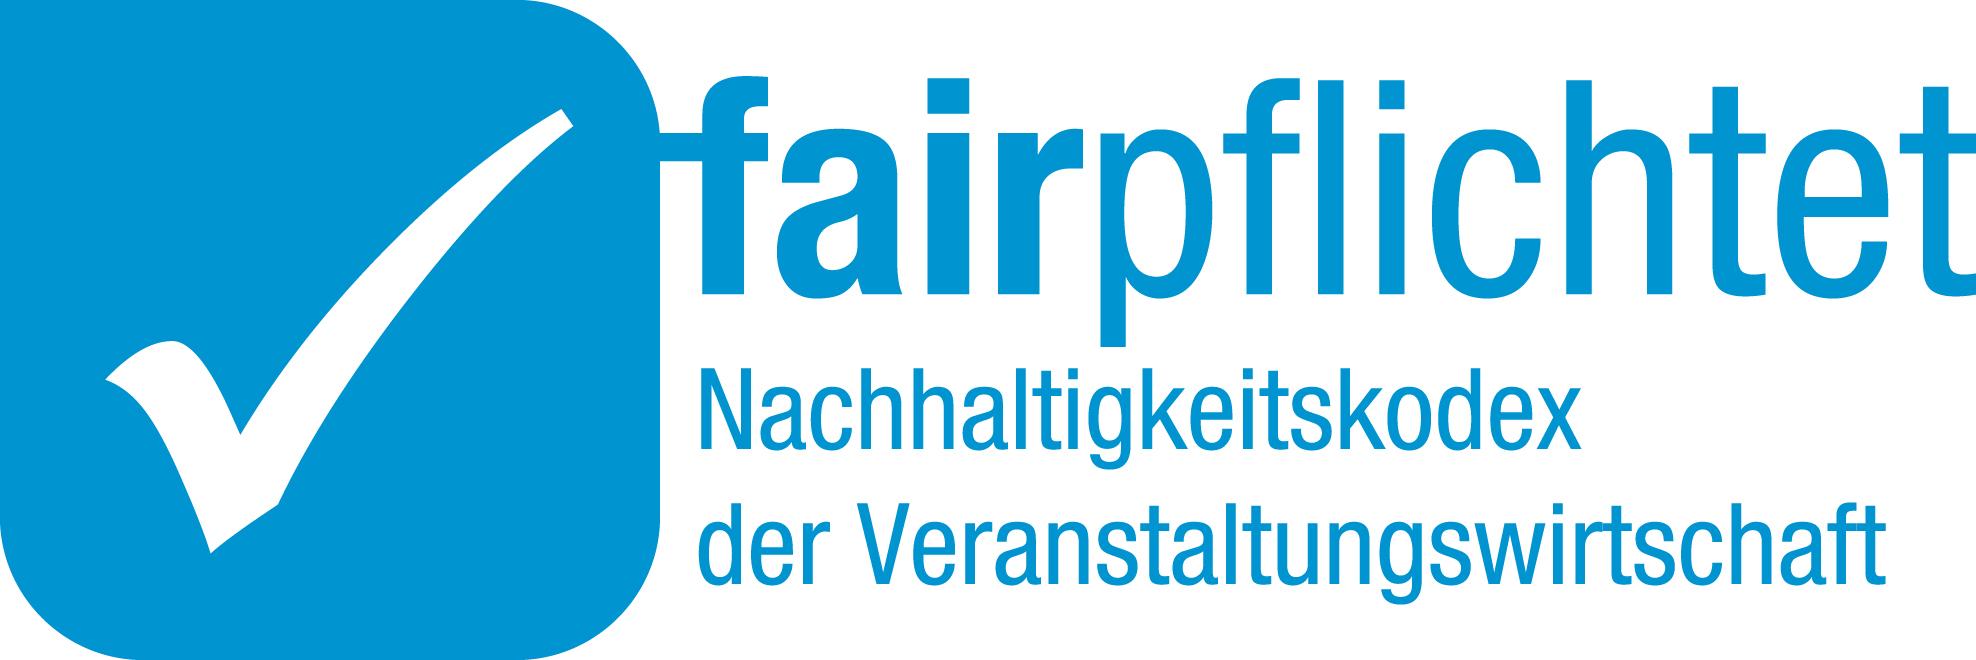 Siegel des Tagungshotel Schwarzwald Panoramas für Green Meetings - klimaneutrale und nachhaltige Tagungen und Events